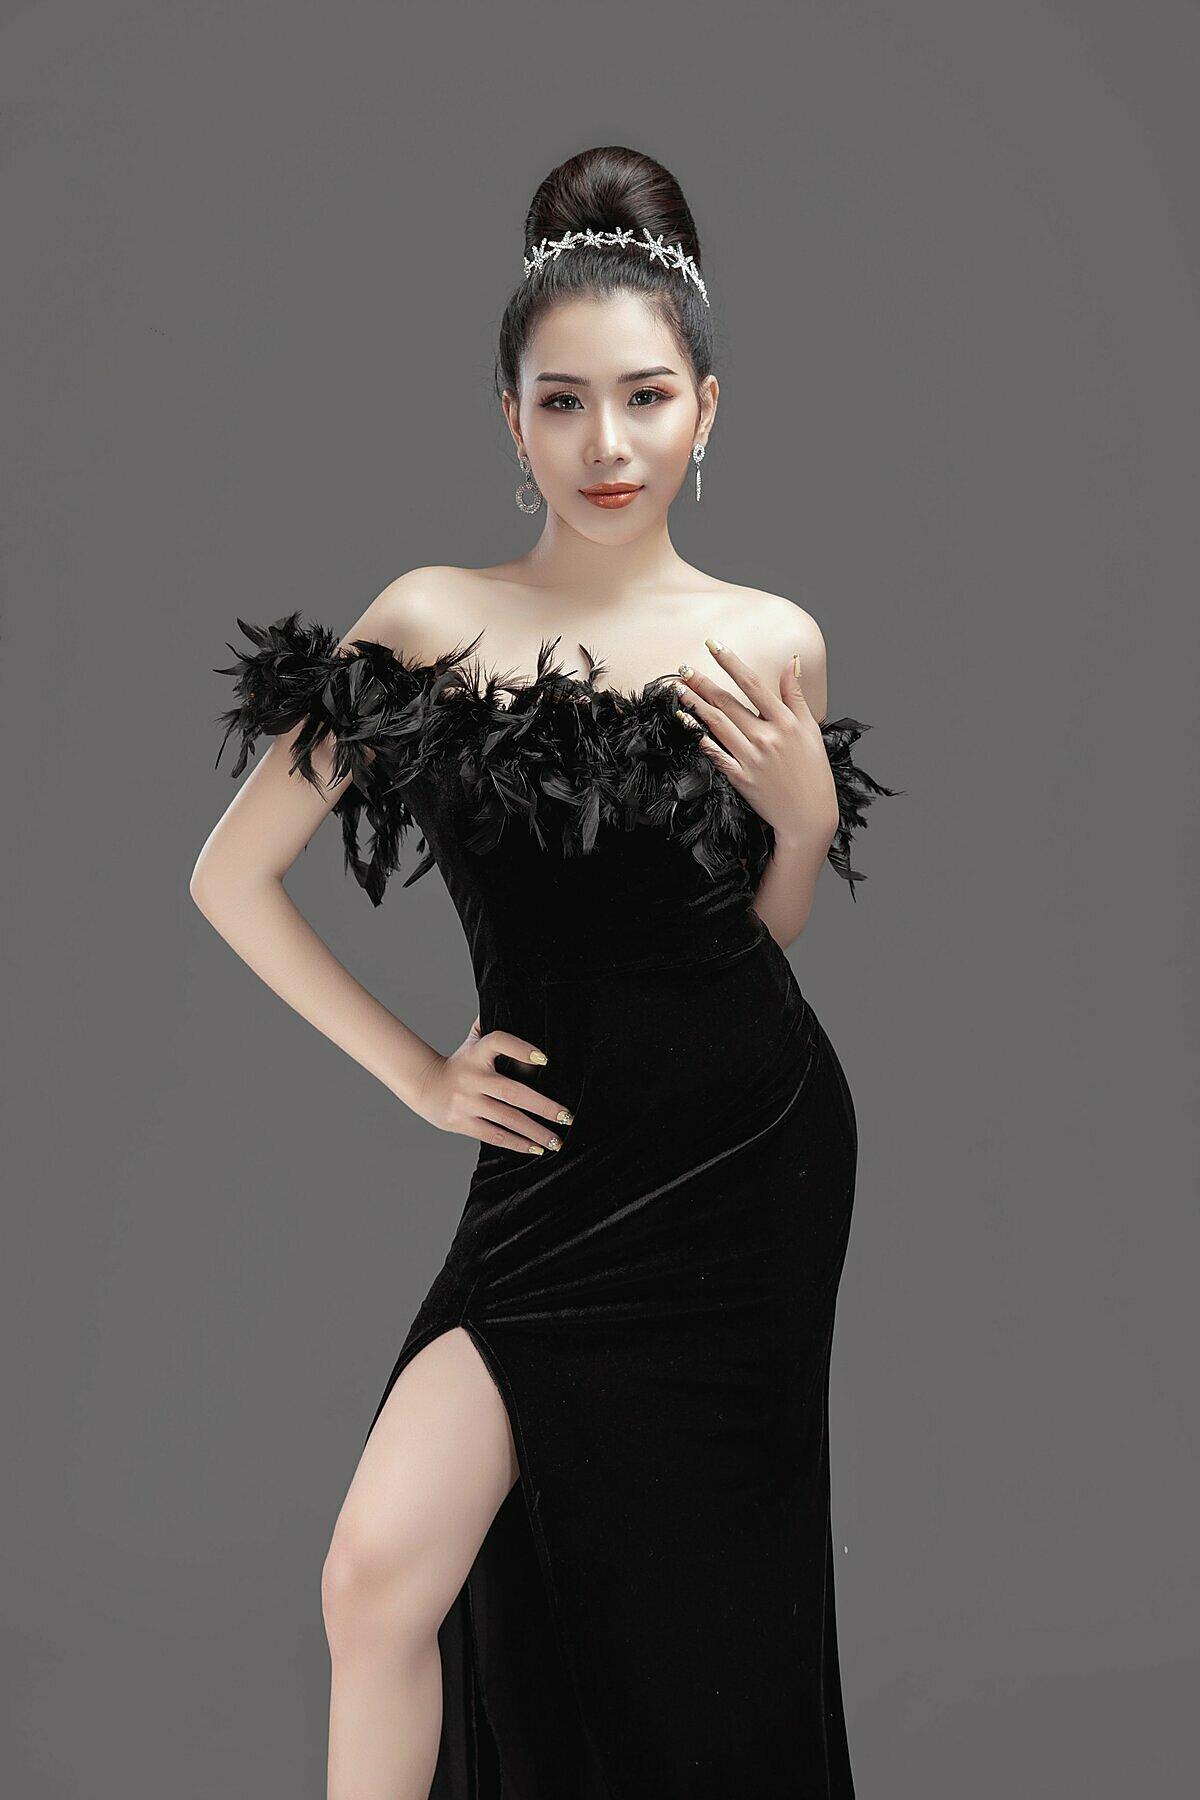 Du Thảo, nghệ danh khi livestream là duthao68 được công nhận là một trong những idol hàng đầu đại diện cho Việt Nam tại lễ trao giải.